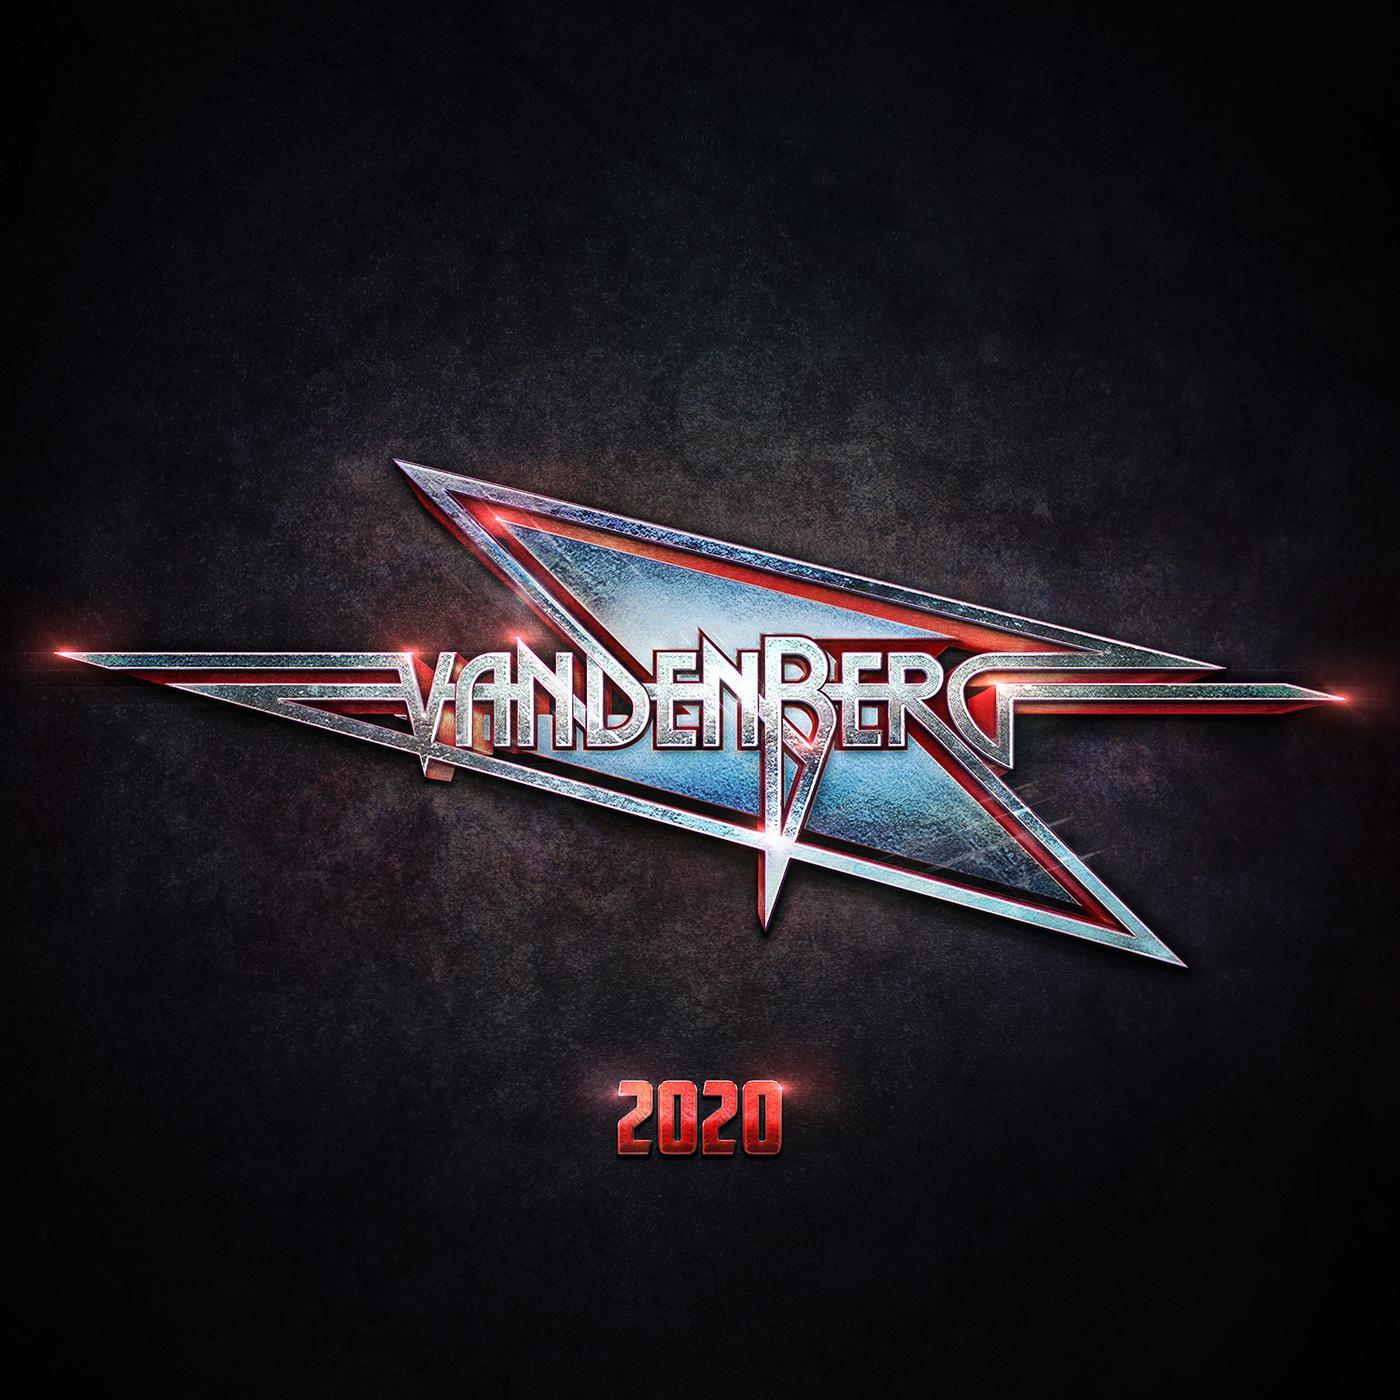 Vandenberg - 2020 (Lossless) (2020, Hard Rock) - Скачать бесплатно ...